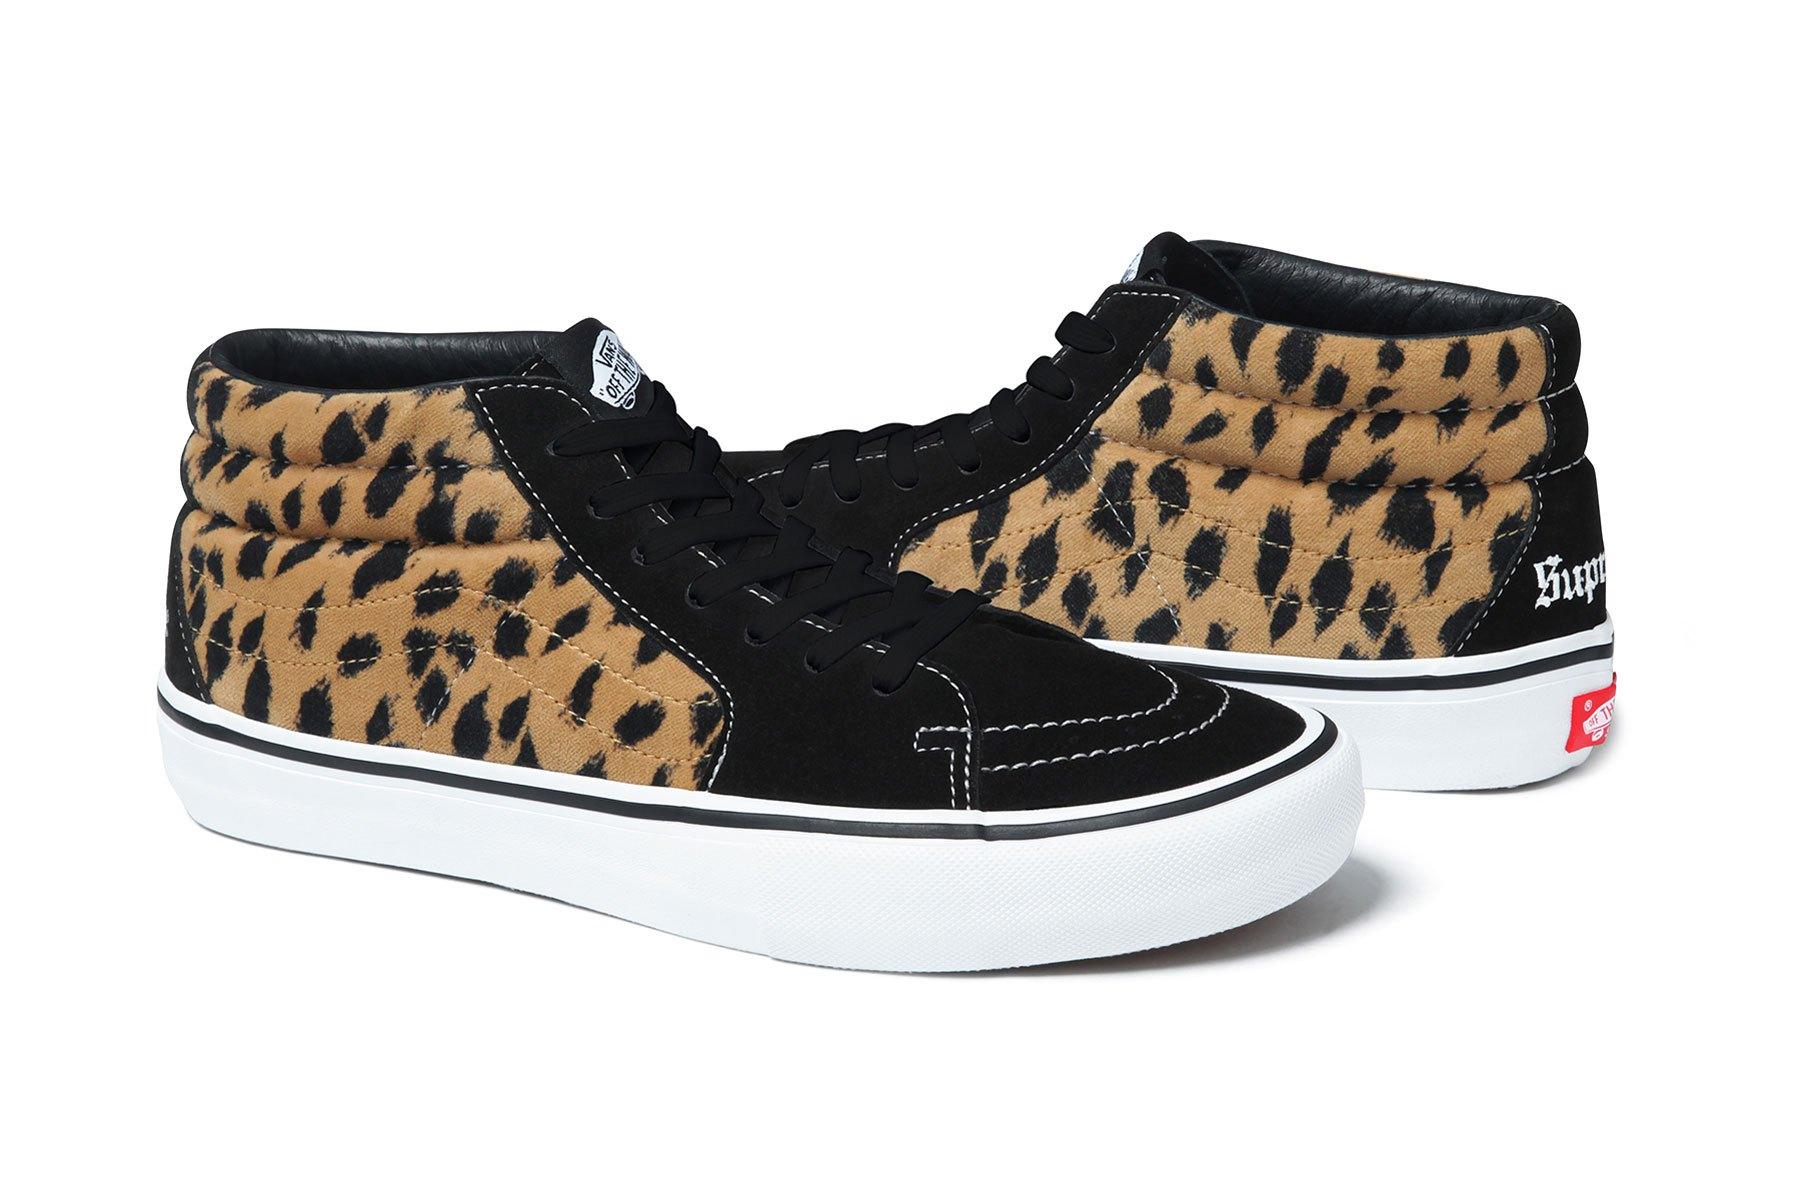 supreme vans 2017 spring summer leopard black 6